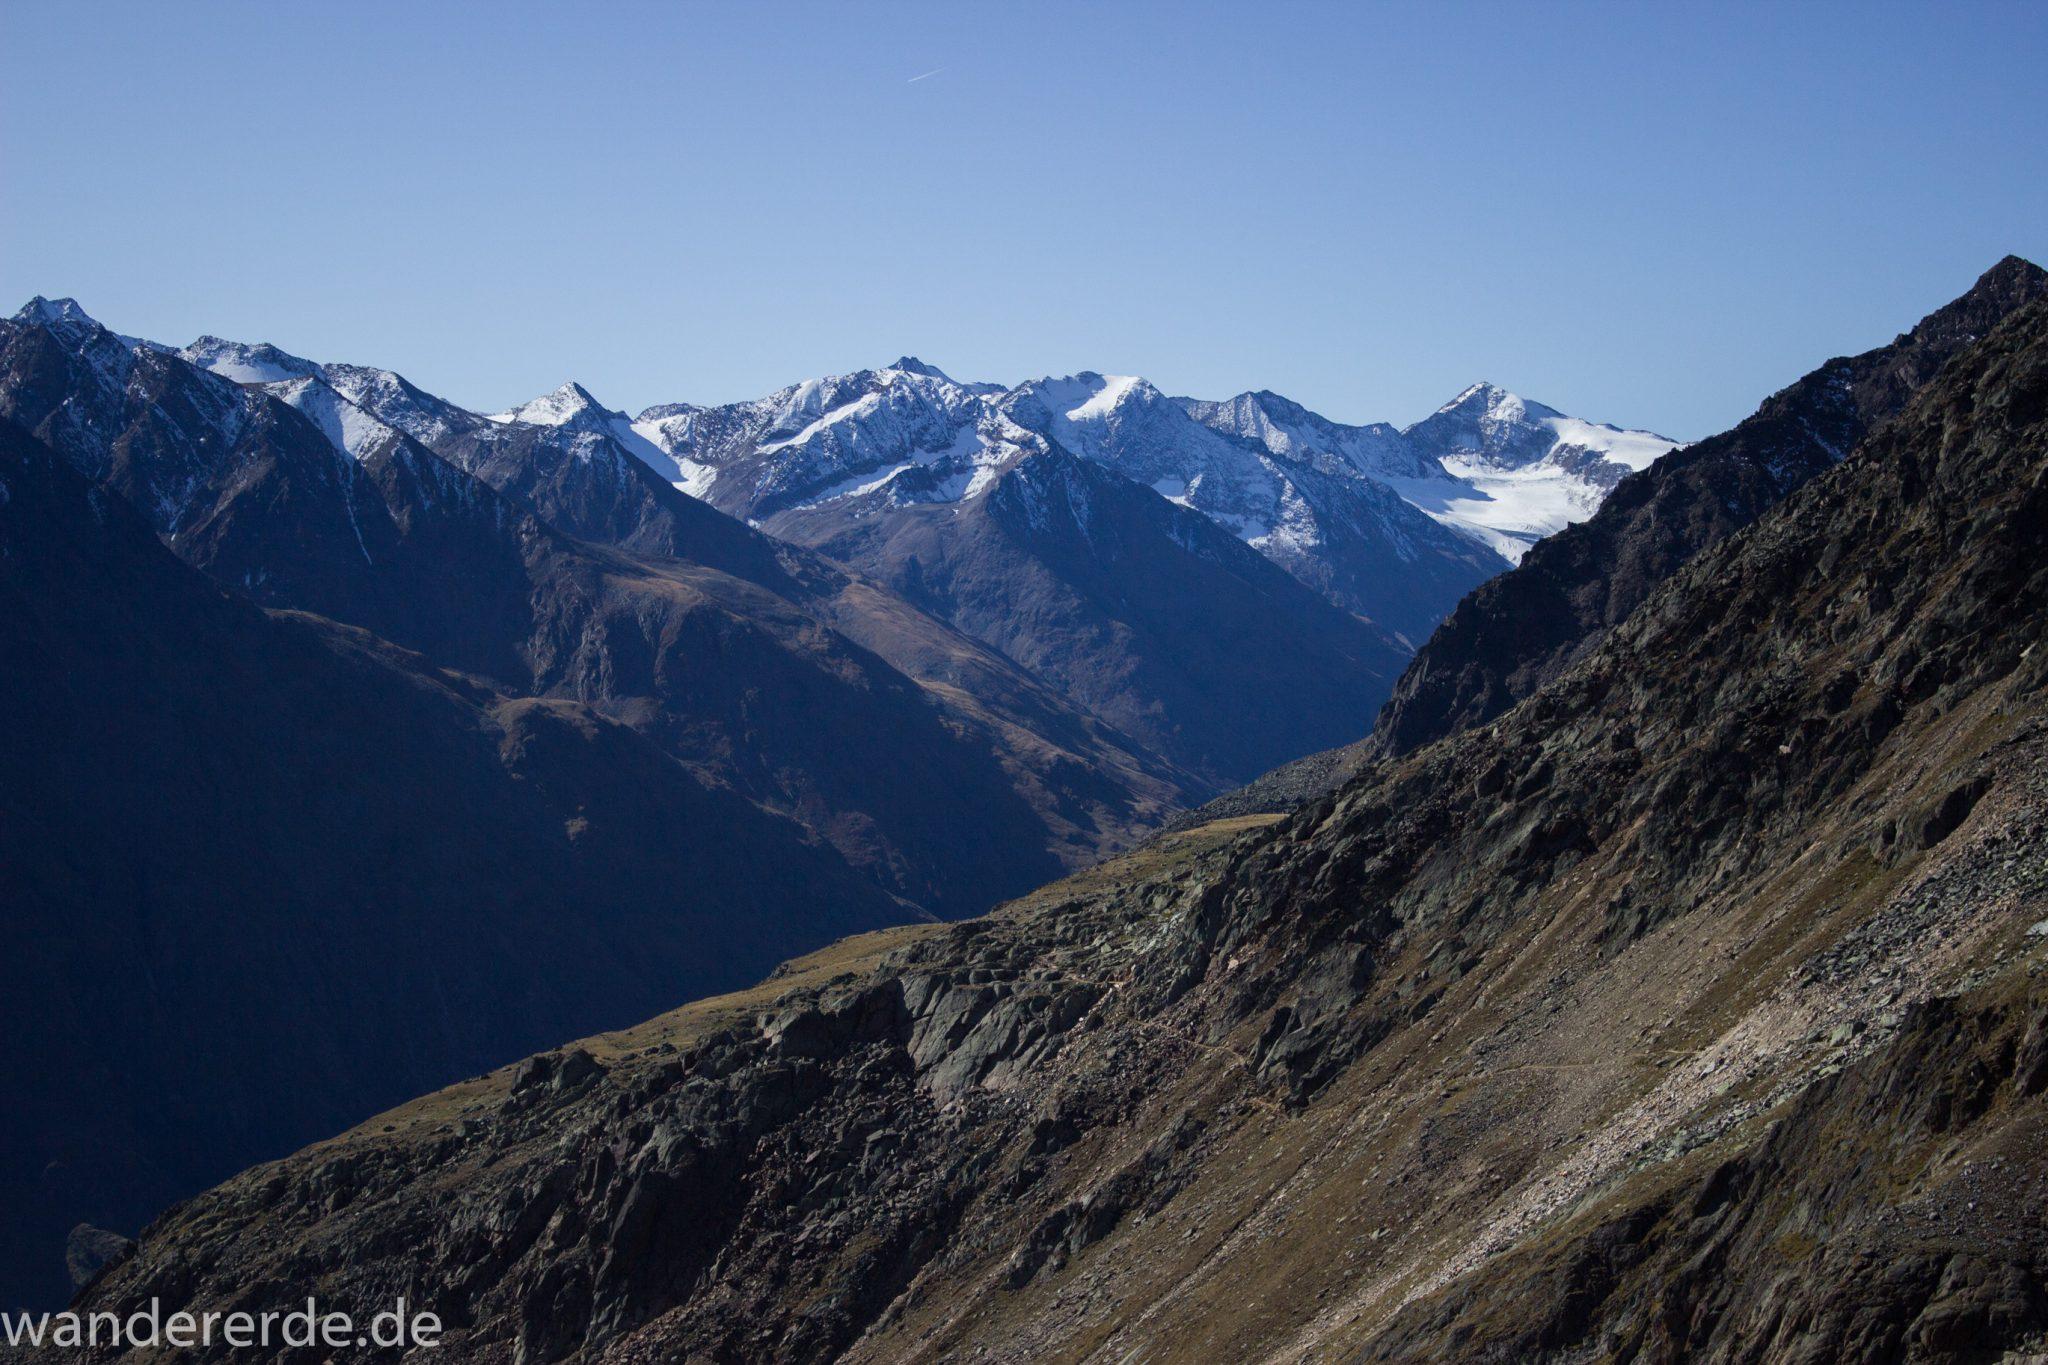 Alpenüberquerung Fernwanderweg E5 Oberstdorf Meran, 5. Etappe von Braunschweiger Hütte zur Martin-Busch-Hütte, nach Überschreiten des Pitztaler Jochls geht es mit dem Bus durch den Rosi-Mittermeier-Tunnel, dann in 4 Stunden auf dem neuen Panoramaweg nach Vent, sehr abwechslungsreiche Wegführung auf schmalem, schönem Wanderweg, Zeit vergeht schnell, immer nur kurze Abschnitte ansteigend bergauf, dann wieder bergab, zauberhafte Ausblicke auf die umliegenden Berge